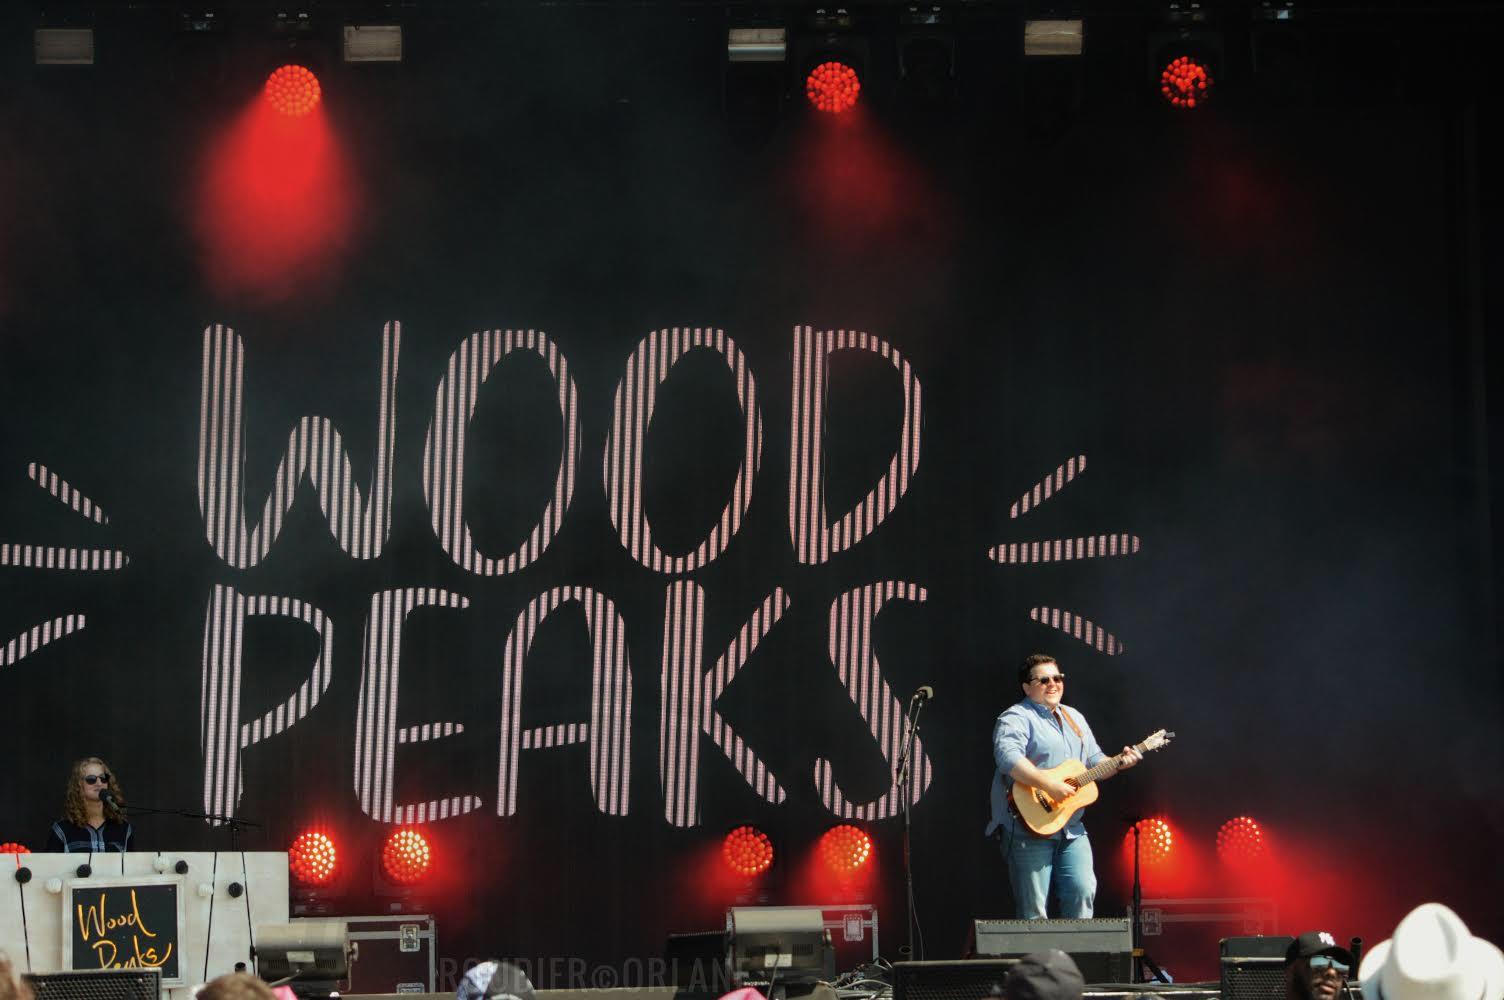 Wood peaks sur la scène du RIE dimanche 30 juin (crédit photo Orlane.Roudier)